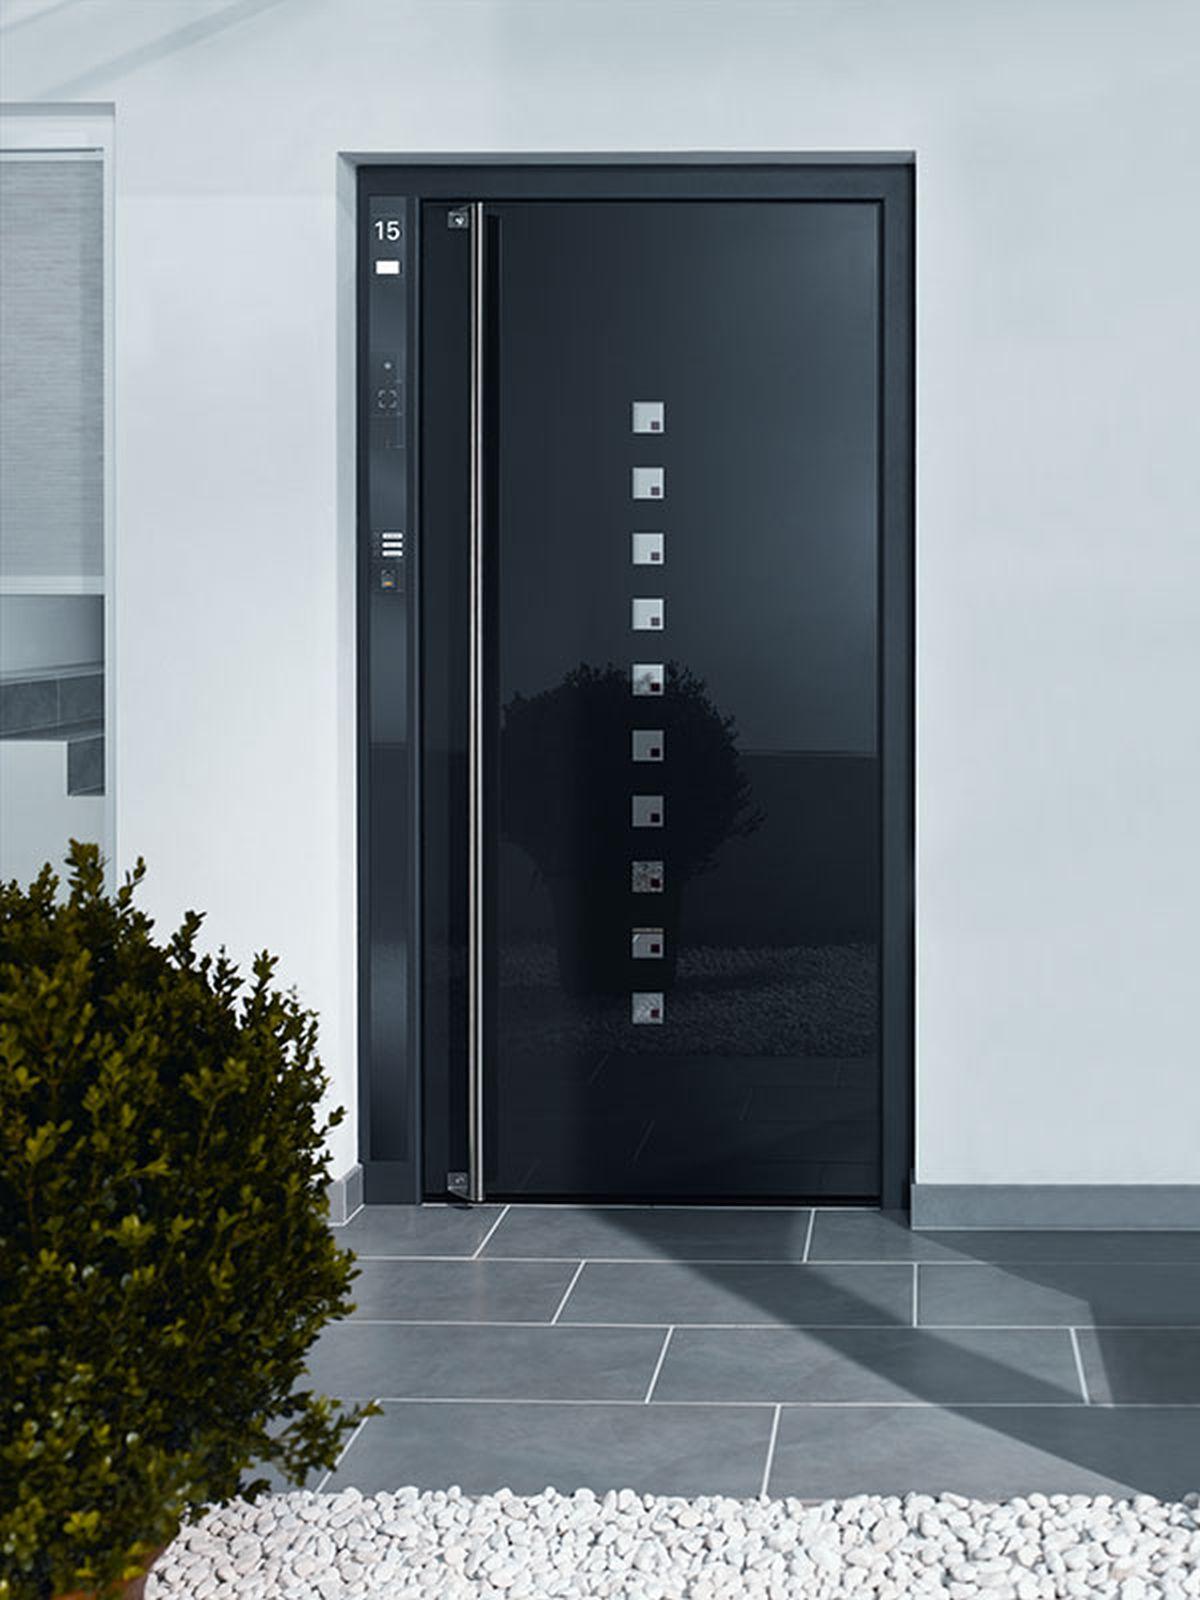 Vchodové dveře a jejich možnosti zabezpečení slide 6